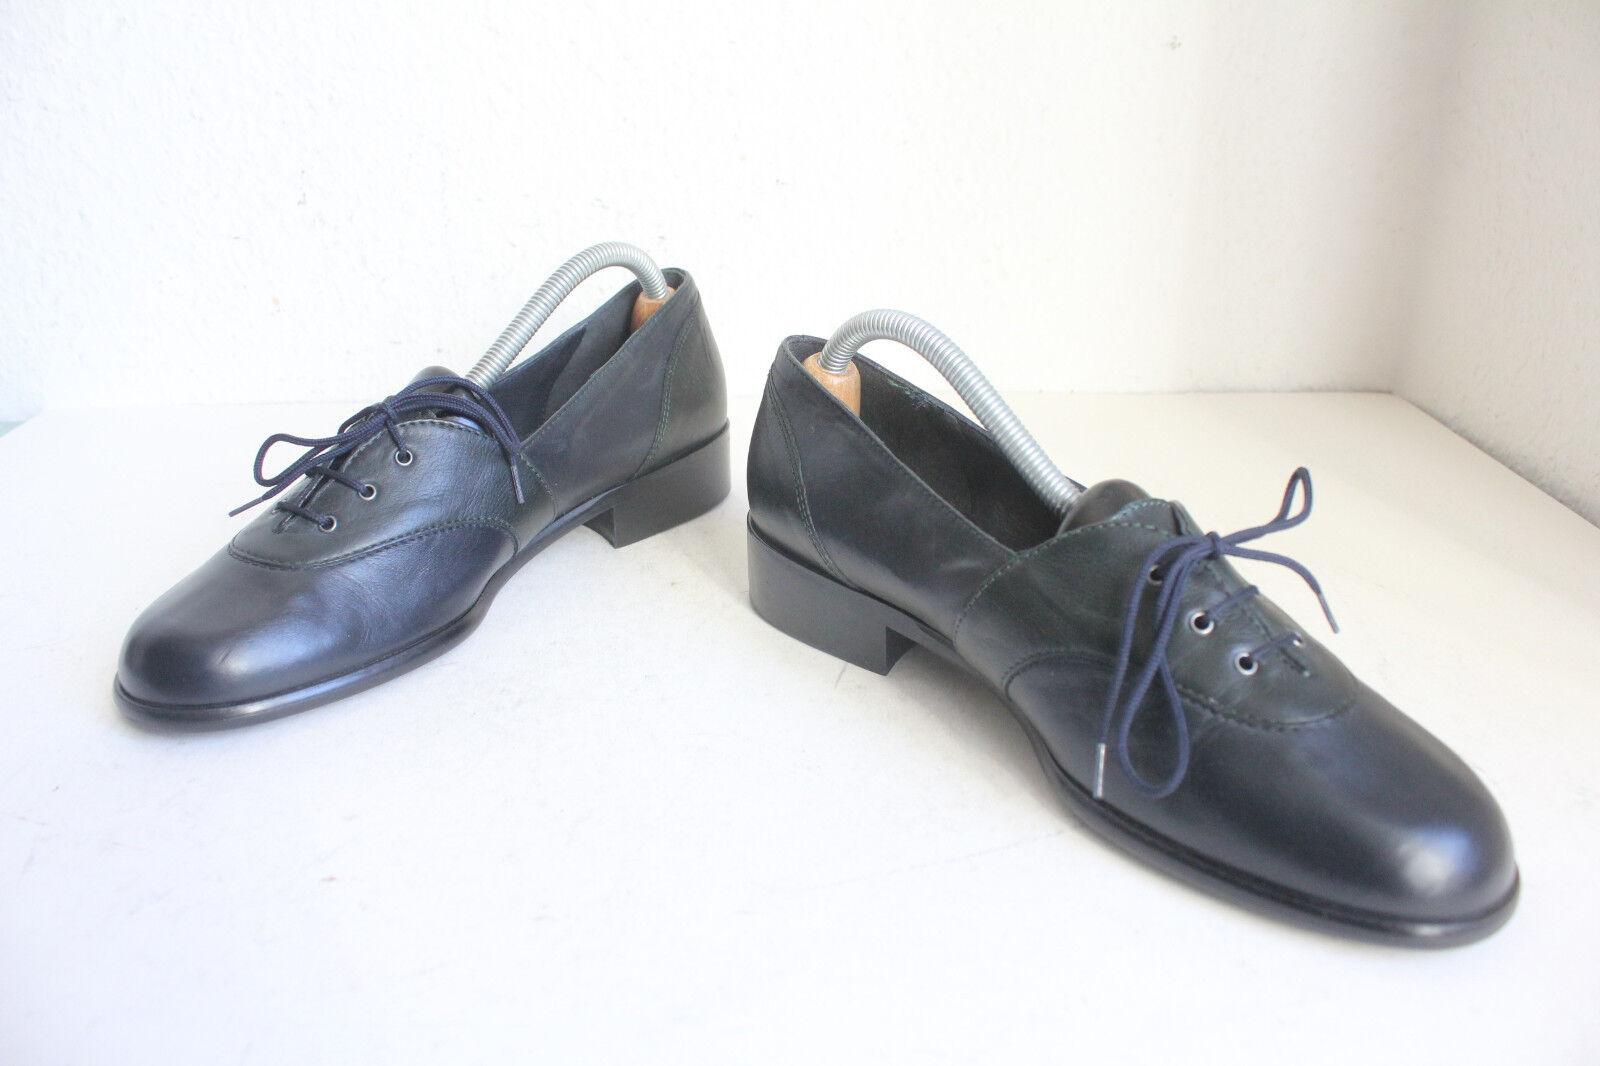 Vintage Zanon zago elegante elegante elegante zapatos cuero genuino multiColor eu 39 Made in -Top  precio al por mayor